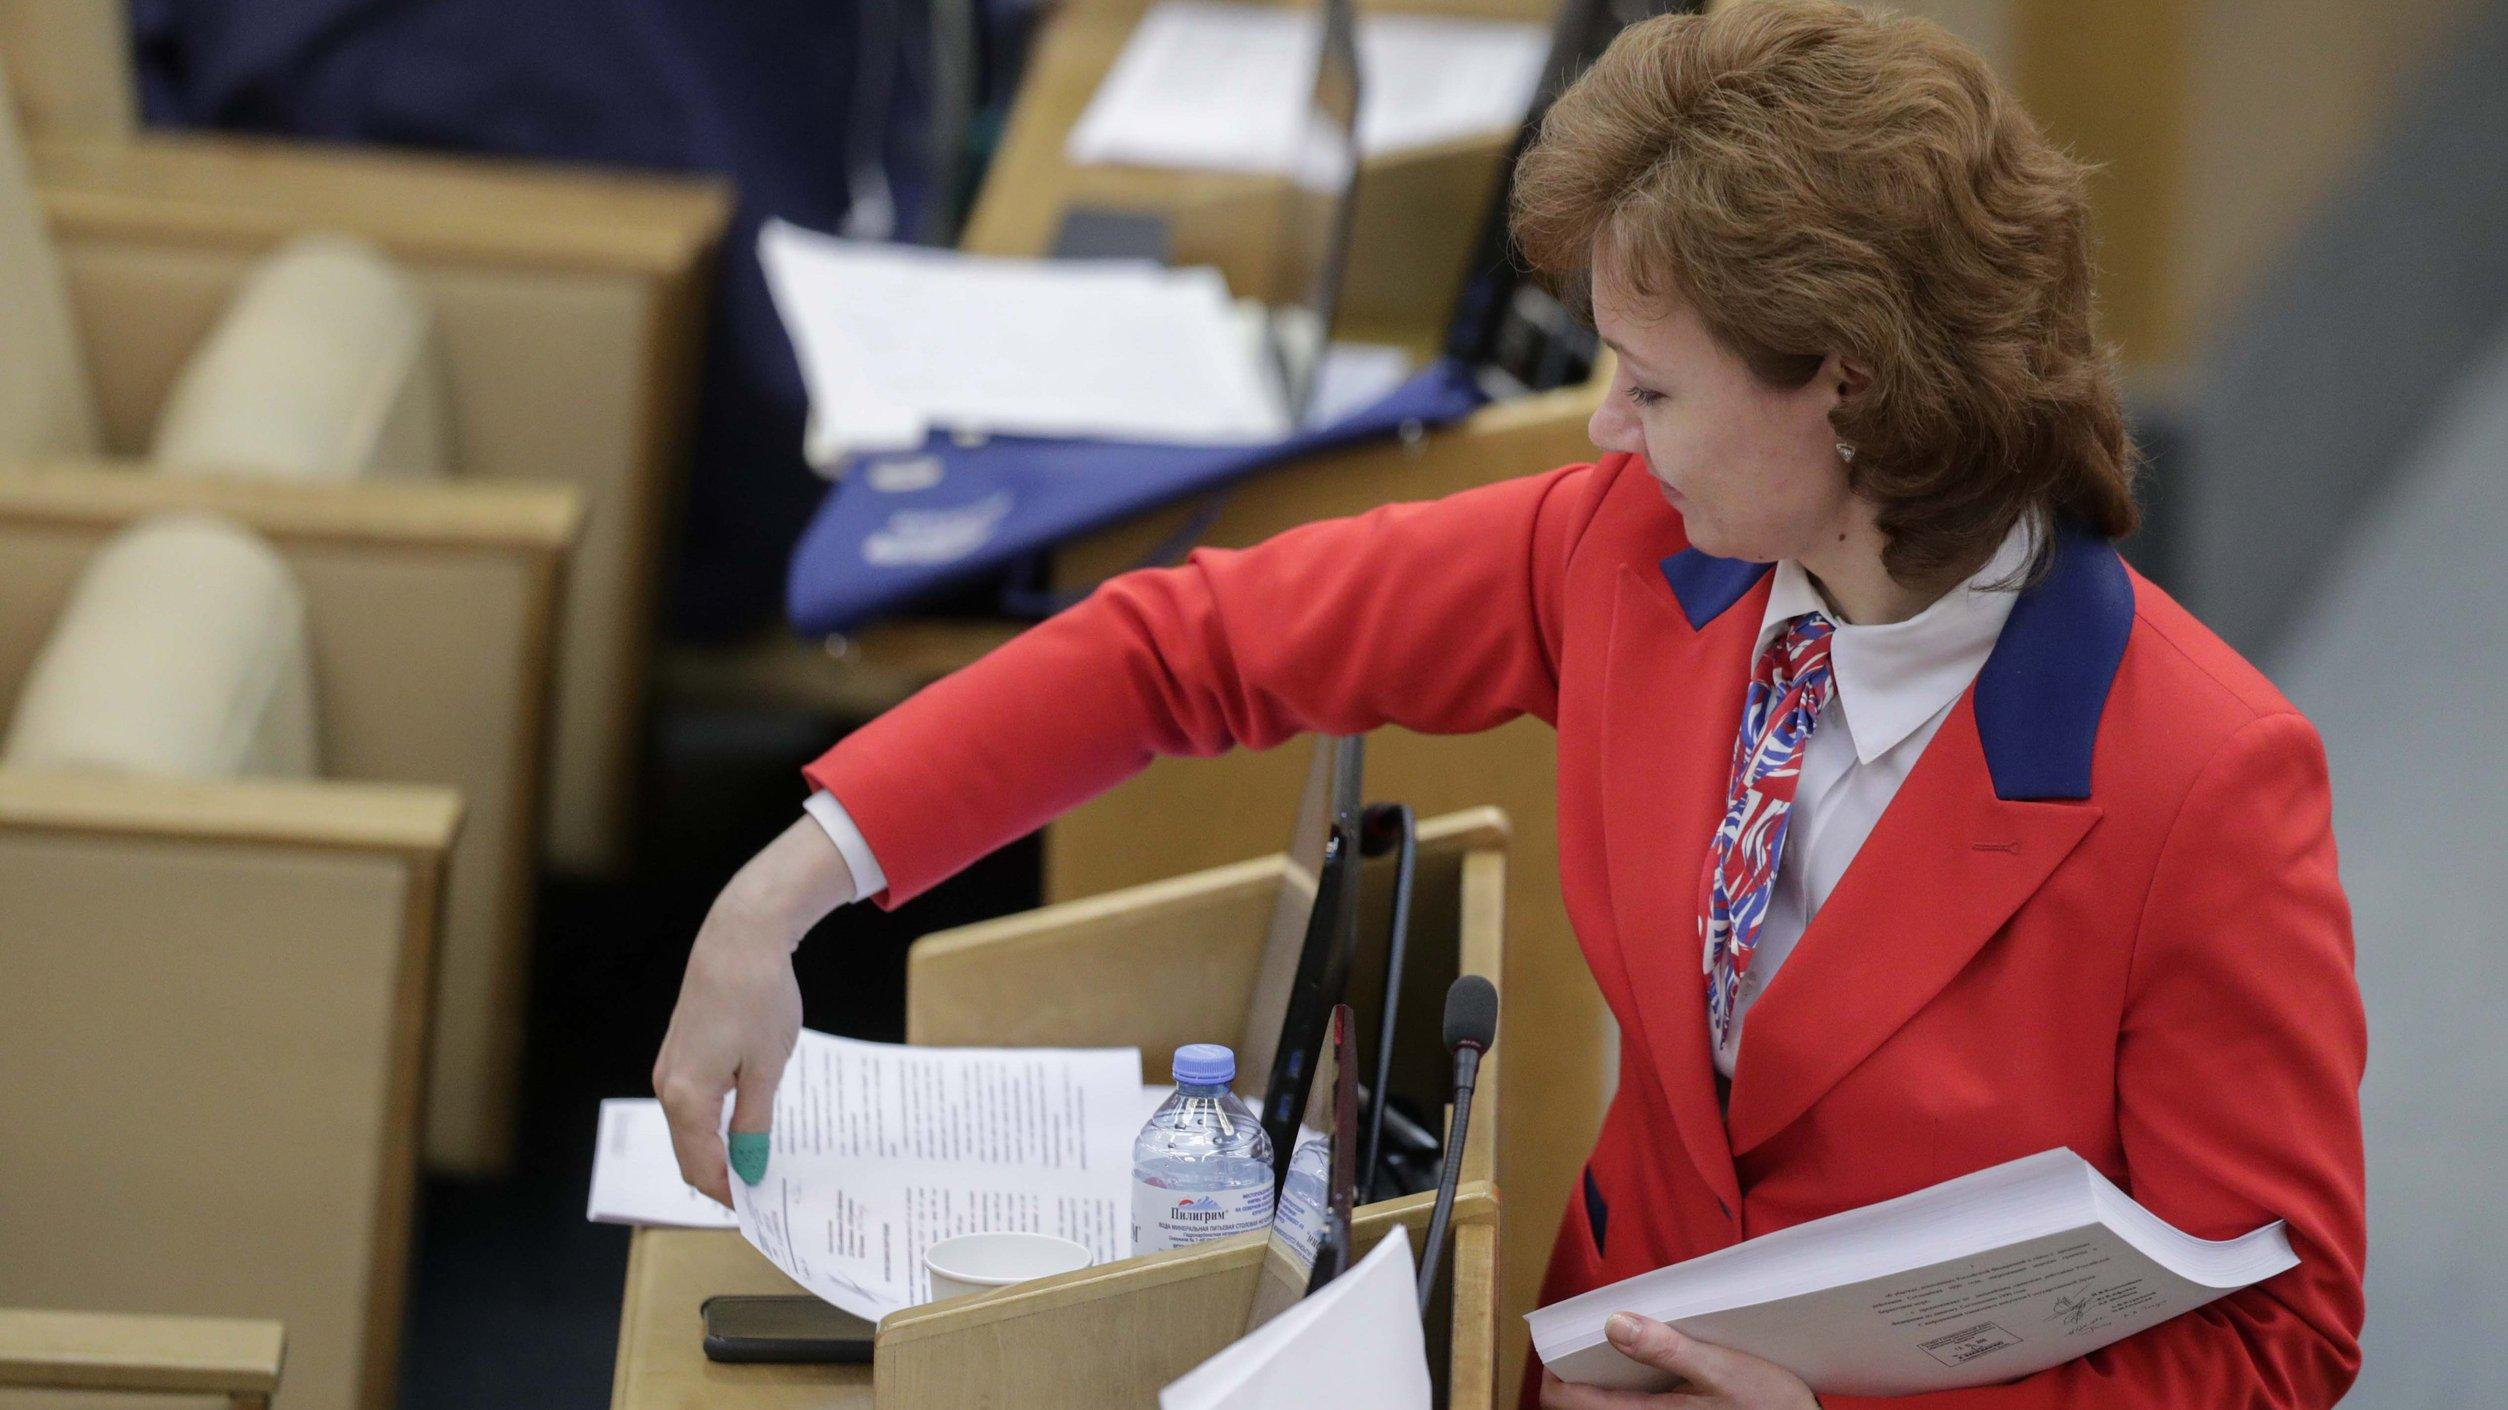 Предложение по привлечению к уголовной ответственности с 12 лет поддержали в Госдуме